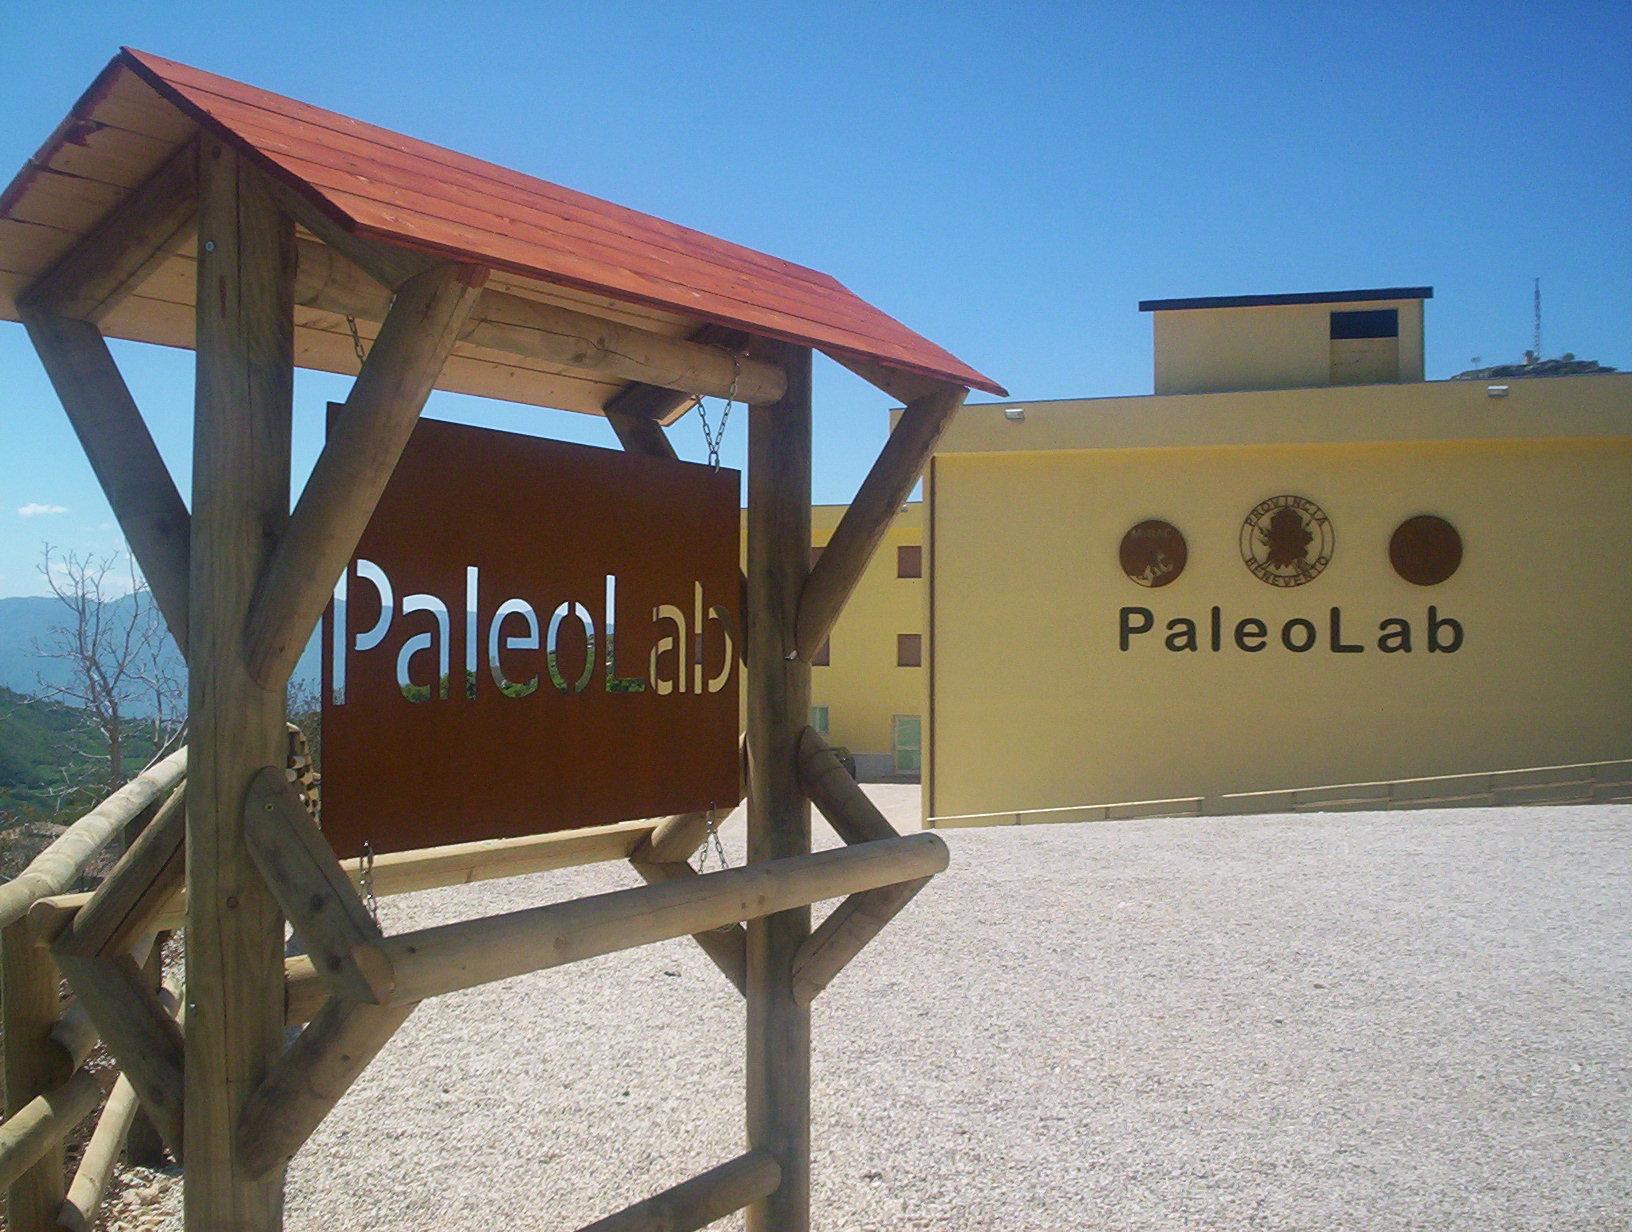 paleolab-parco-geopaleontologico-secret-world